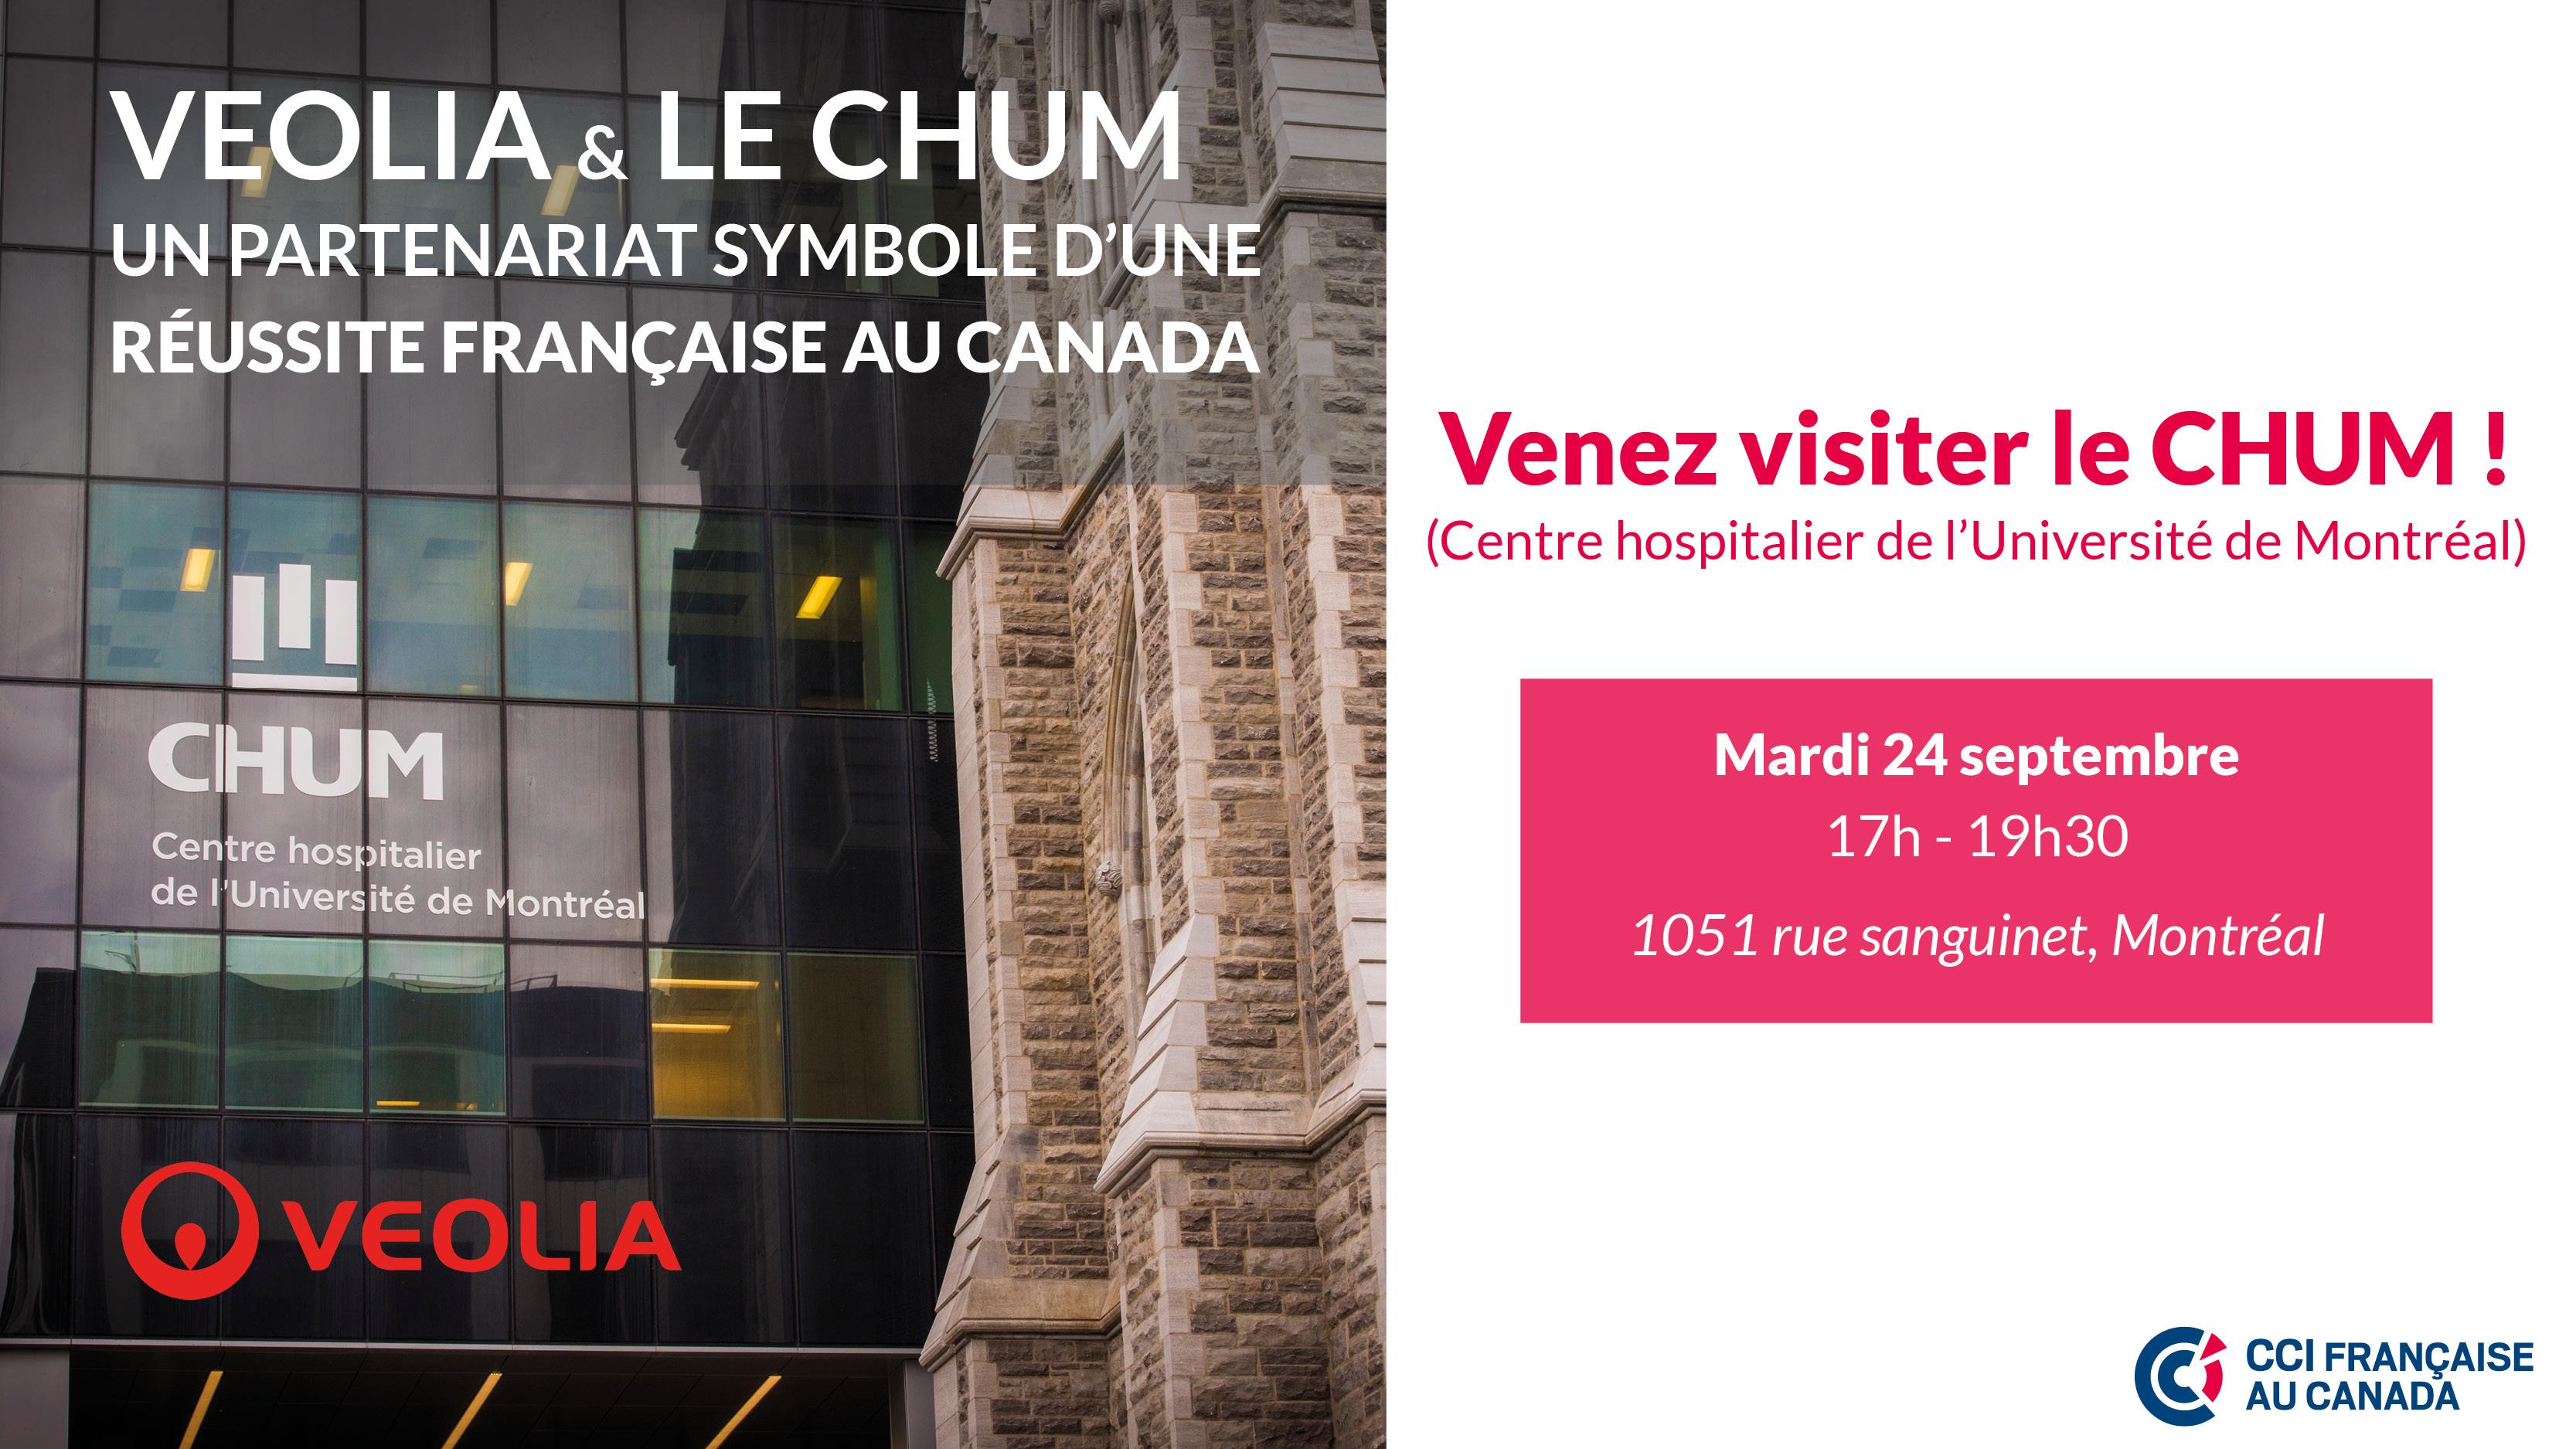 Visite du CHUM en partenariat avec Veolia, symbole d'une réussite française au Canada